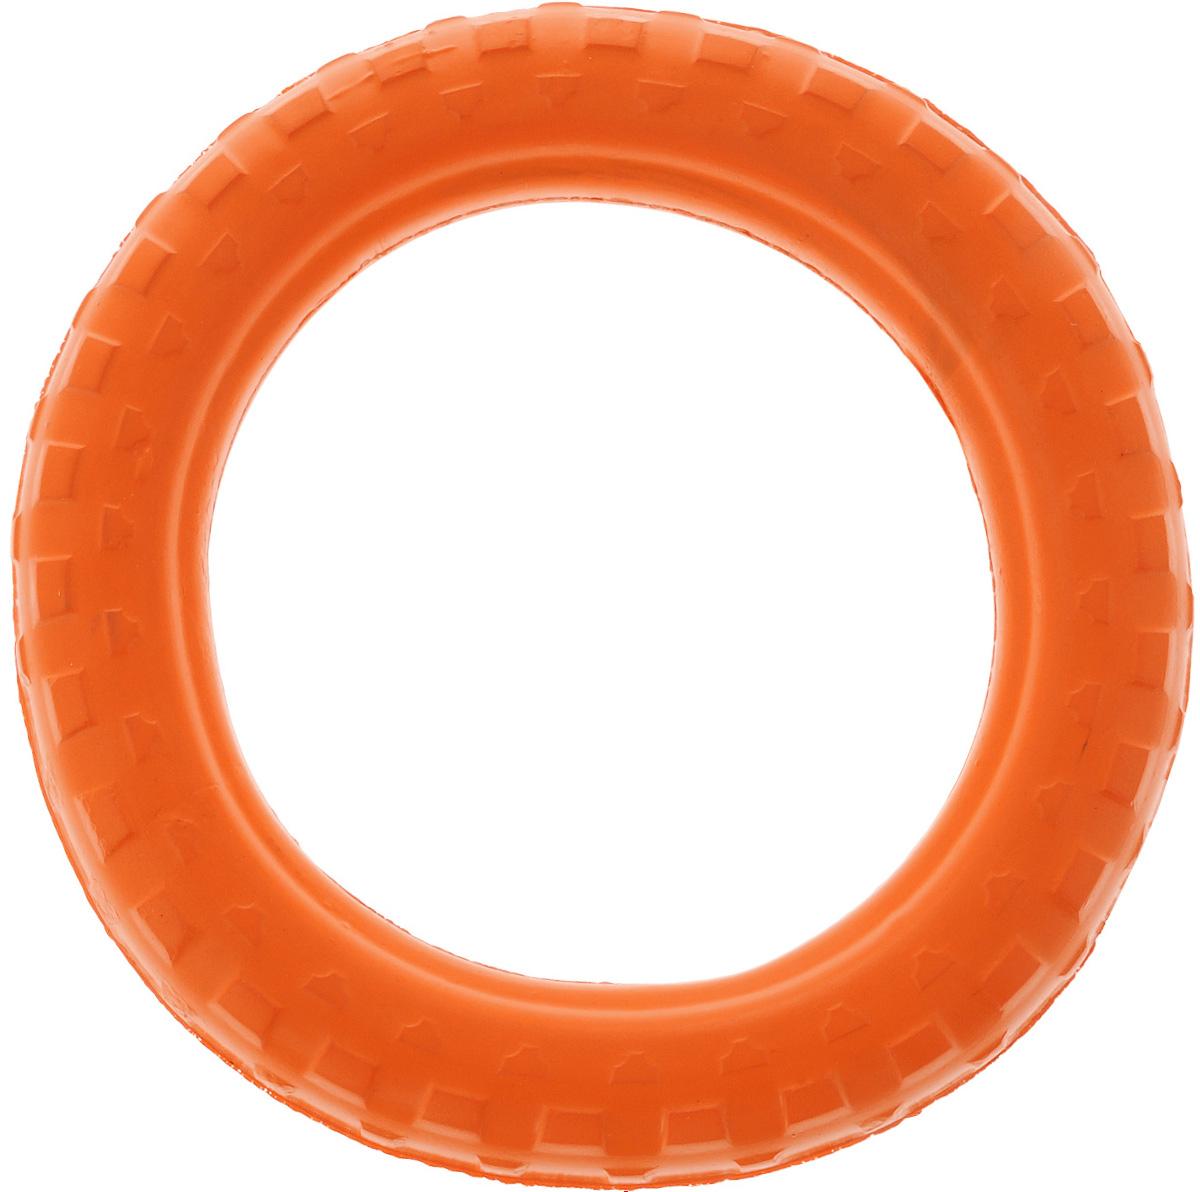 Игрушка для животных Doglike Шинка для колеса. Малая, цвет: оранжевый, диаметр 22 смDH 7513Doglike Шинка для колеса. Малая - простая и незамысловатая игрушка для собак, которая способна решить многие проблемы здоровья вашего четвероногого любимца. Если ваш пес портит мебель, излишне агрессивен, непослушен или страдает излишним весом то, скорее всего, корень всех бед кроется в недостаточной физической и эмоциональной нагрузке. Порадуйте своего питомца прекрасным и качественным подарком. Диаметр игрушки: 22 см.